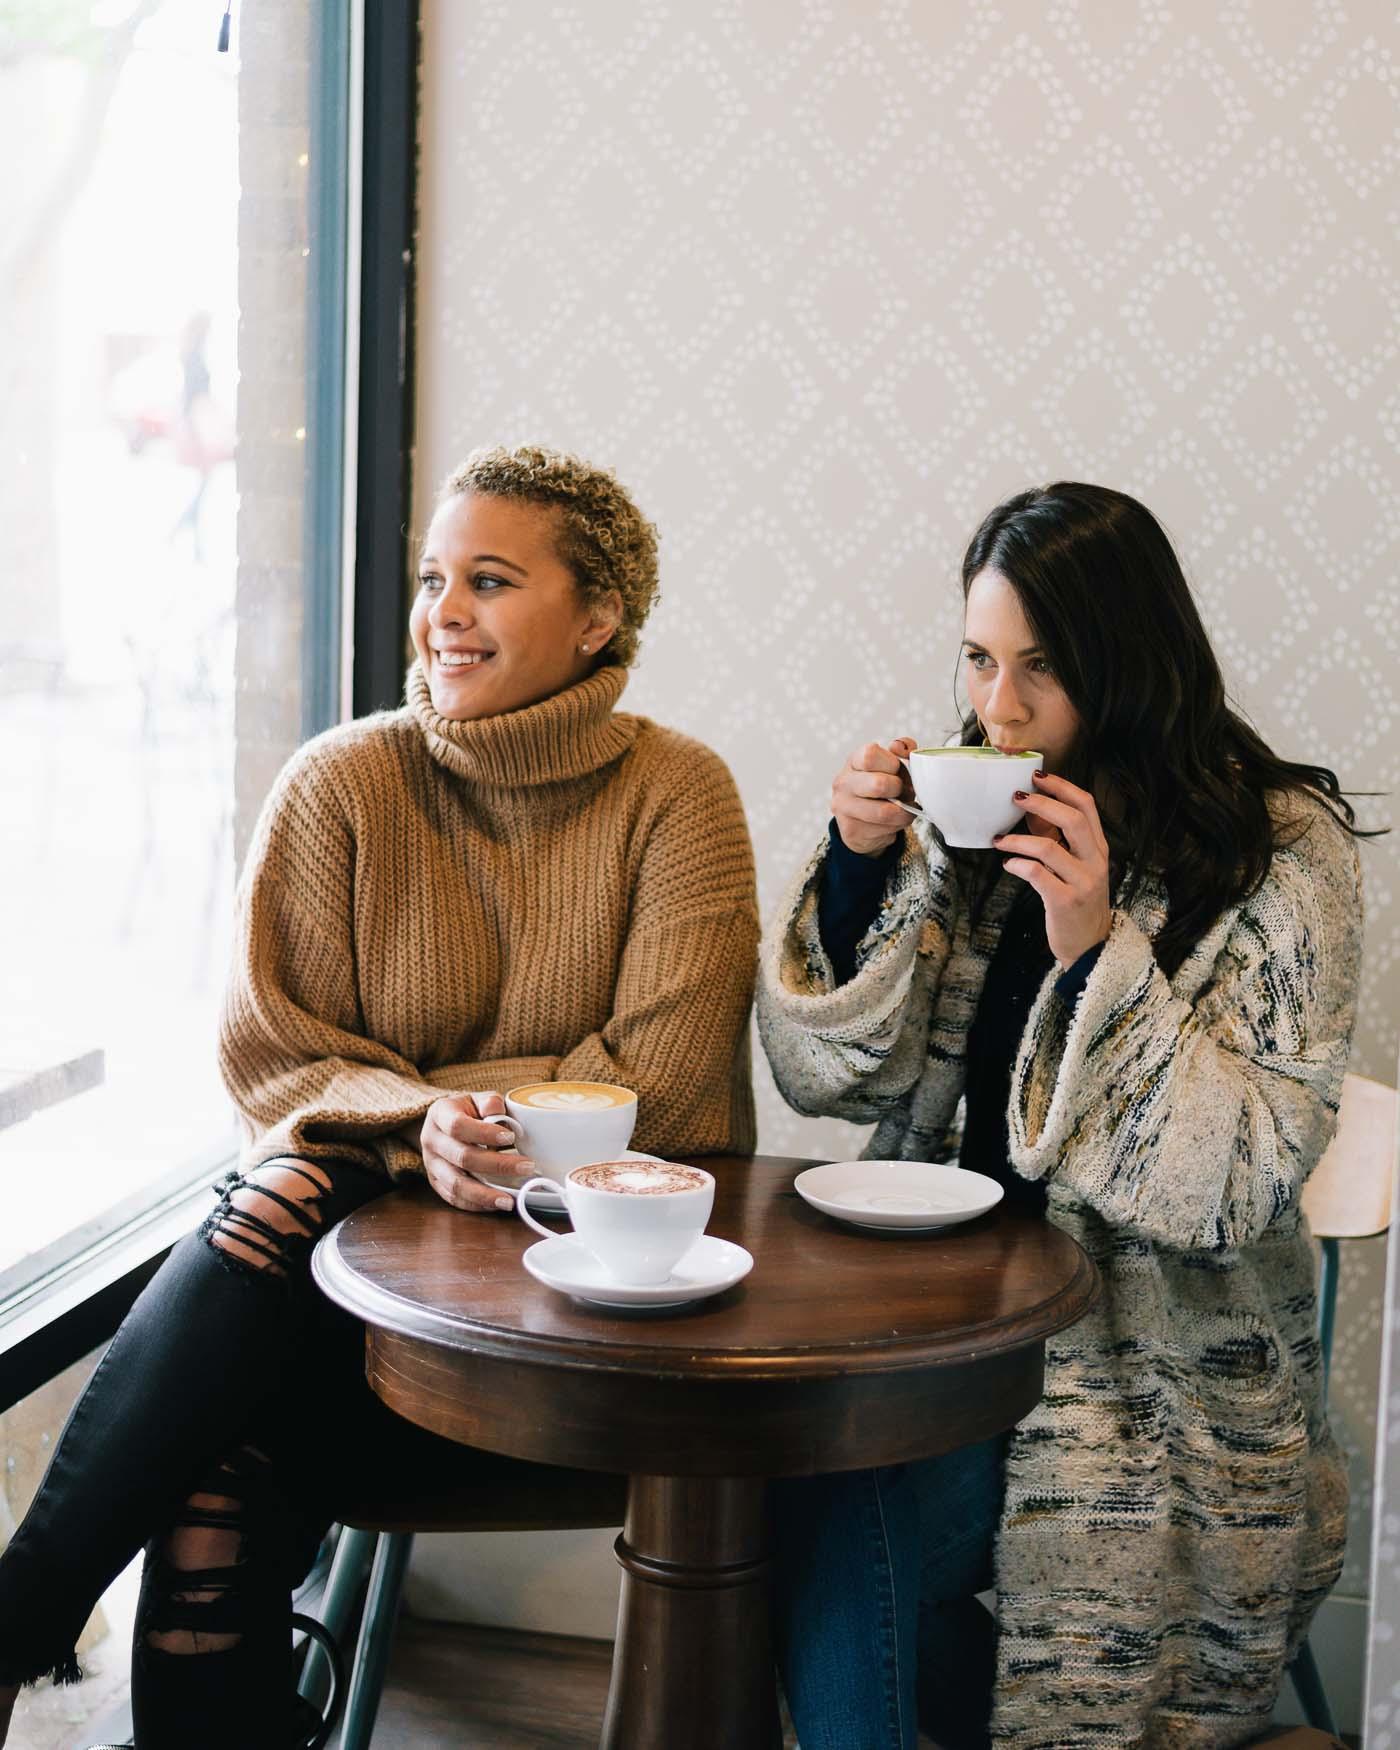 friends in coffee shop, getting coffee, fall fashion - My Style Vita @mystylevita